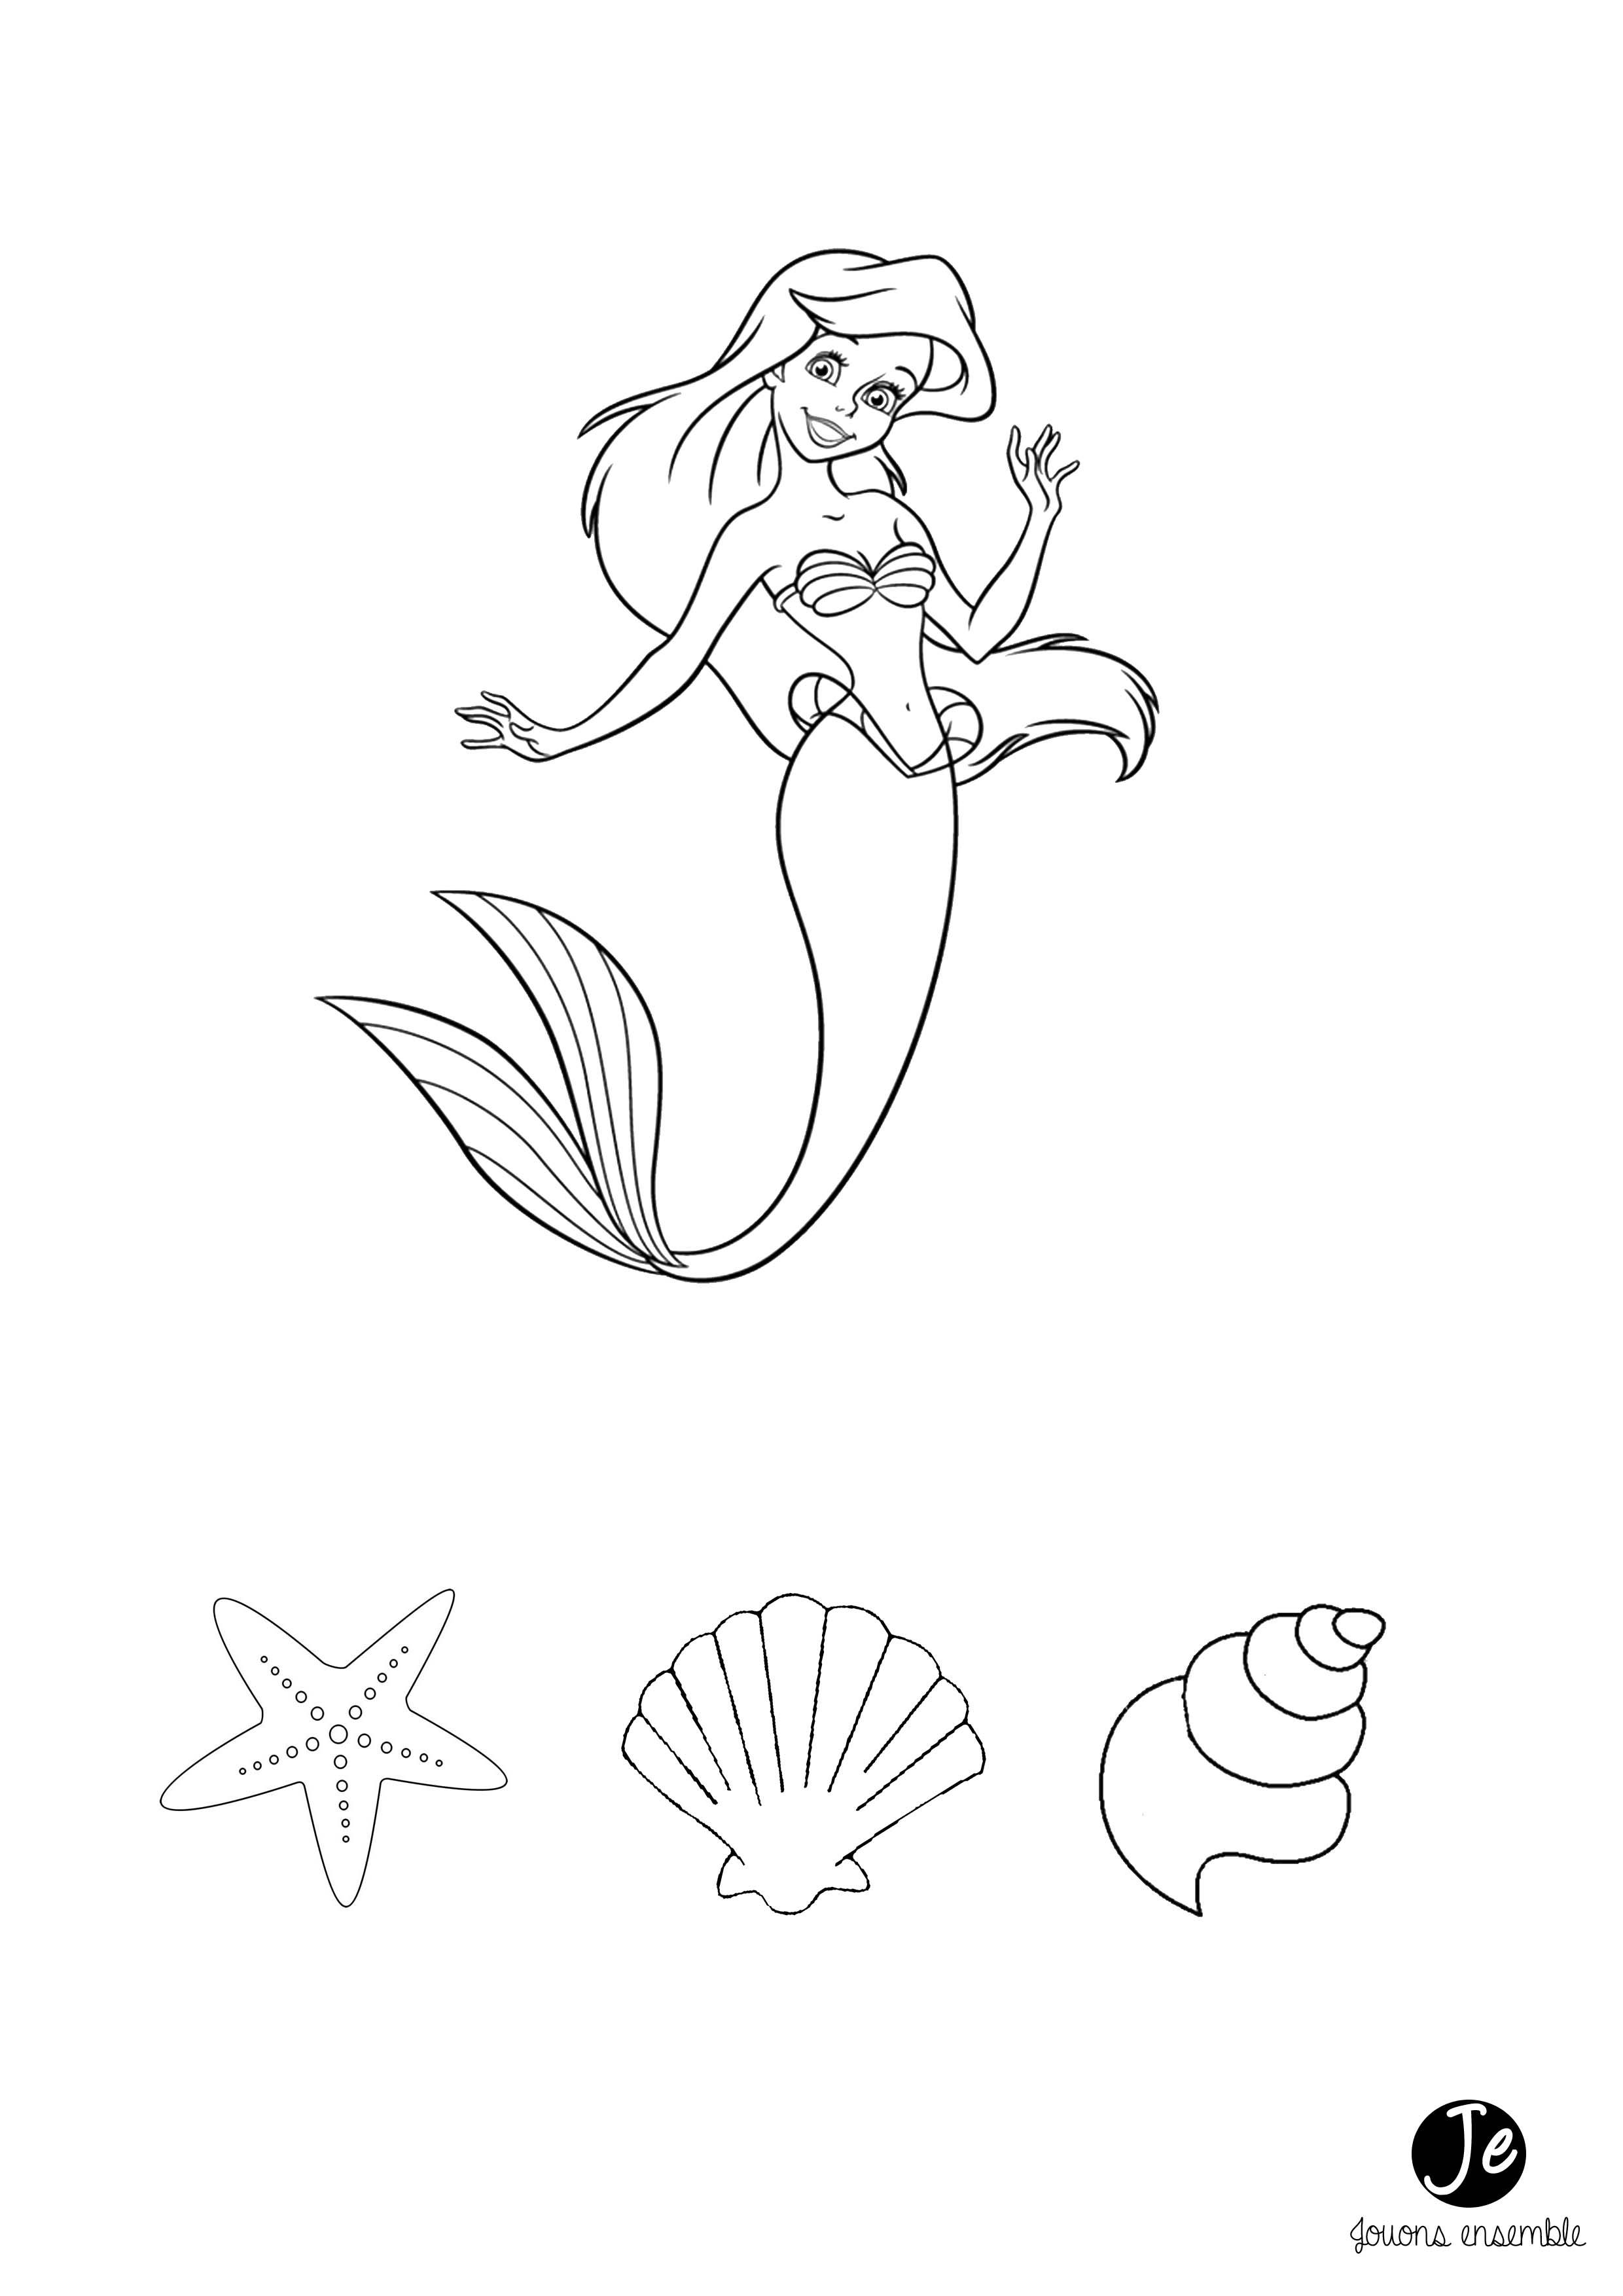 Collier Ariel La Petite Sirène Disney | Jouonsensemble destiné Dessin A Imprimer Arielle La Petite Sirene